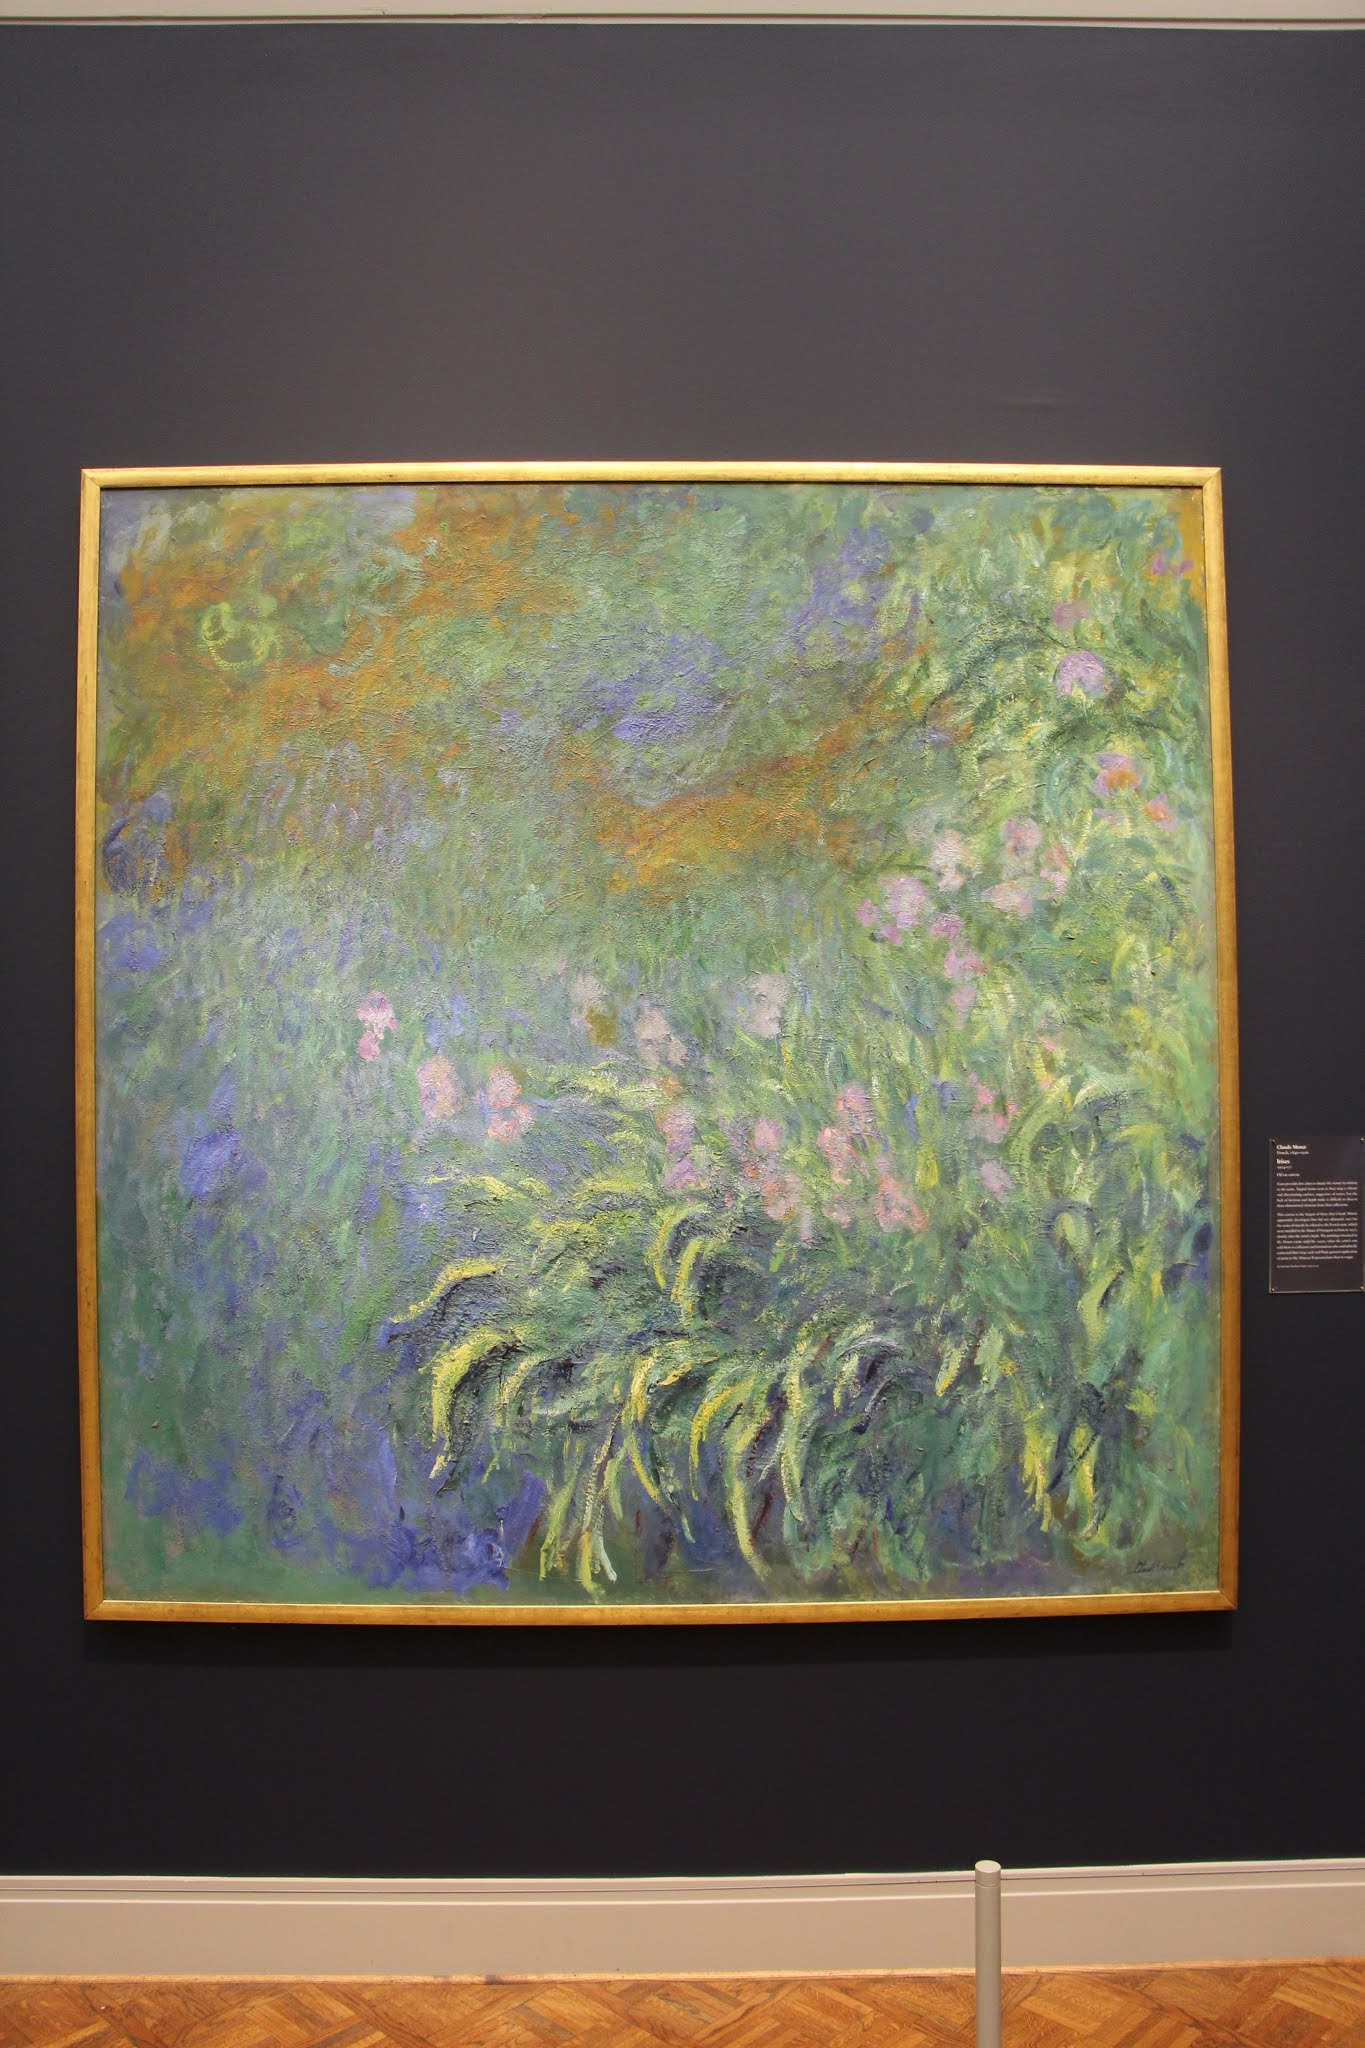 claude monet, art, museum, impressionism